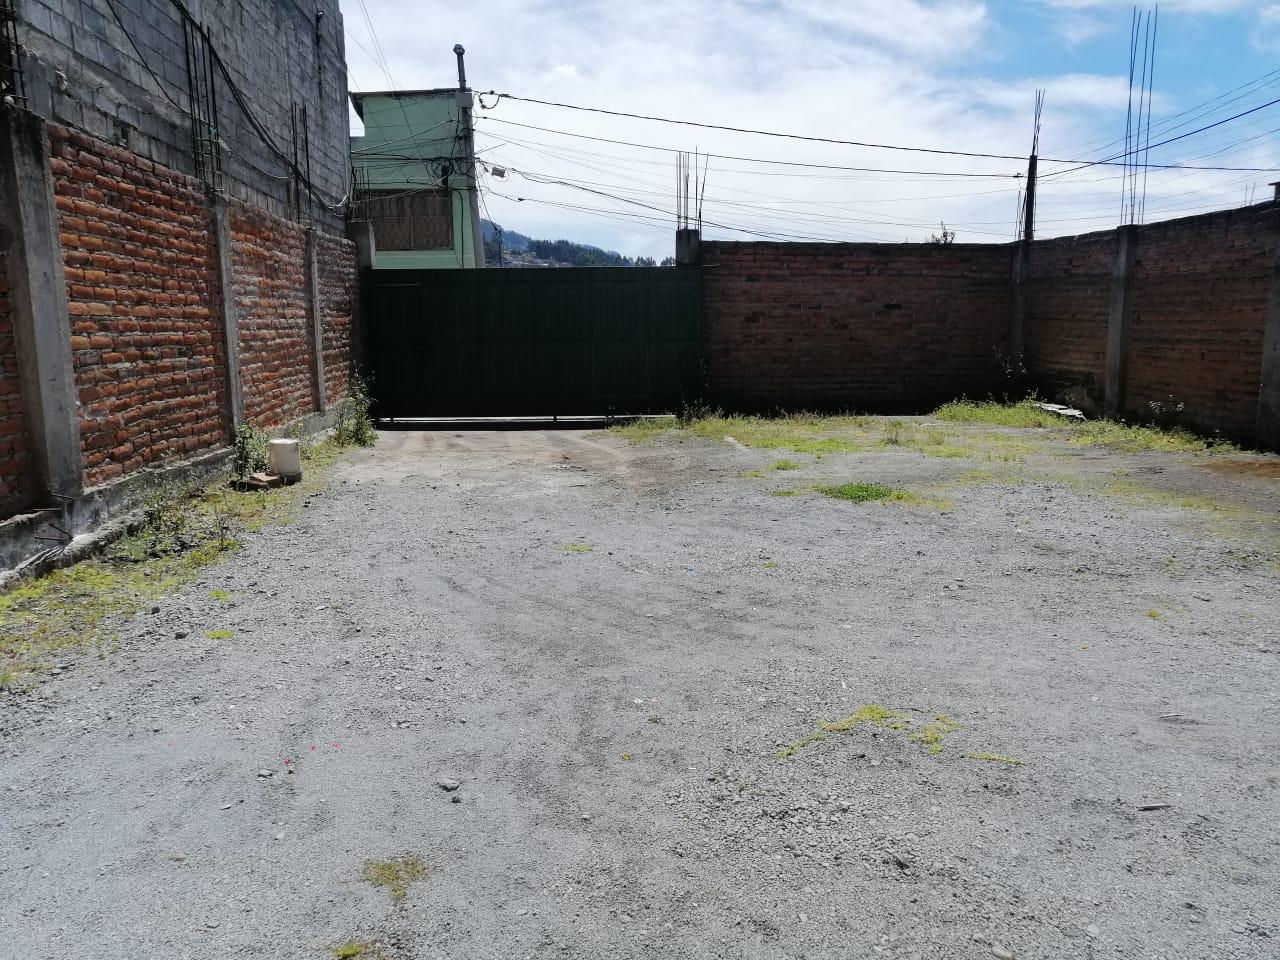 VENDO TERRENO DE 300 M2 EN EL SUR DE QUITO BARRIO VENCEDORES DE PICHINCHA TRAS DEL BARRIO EX COMBATIENTES DEL 41